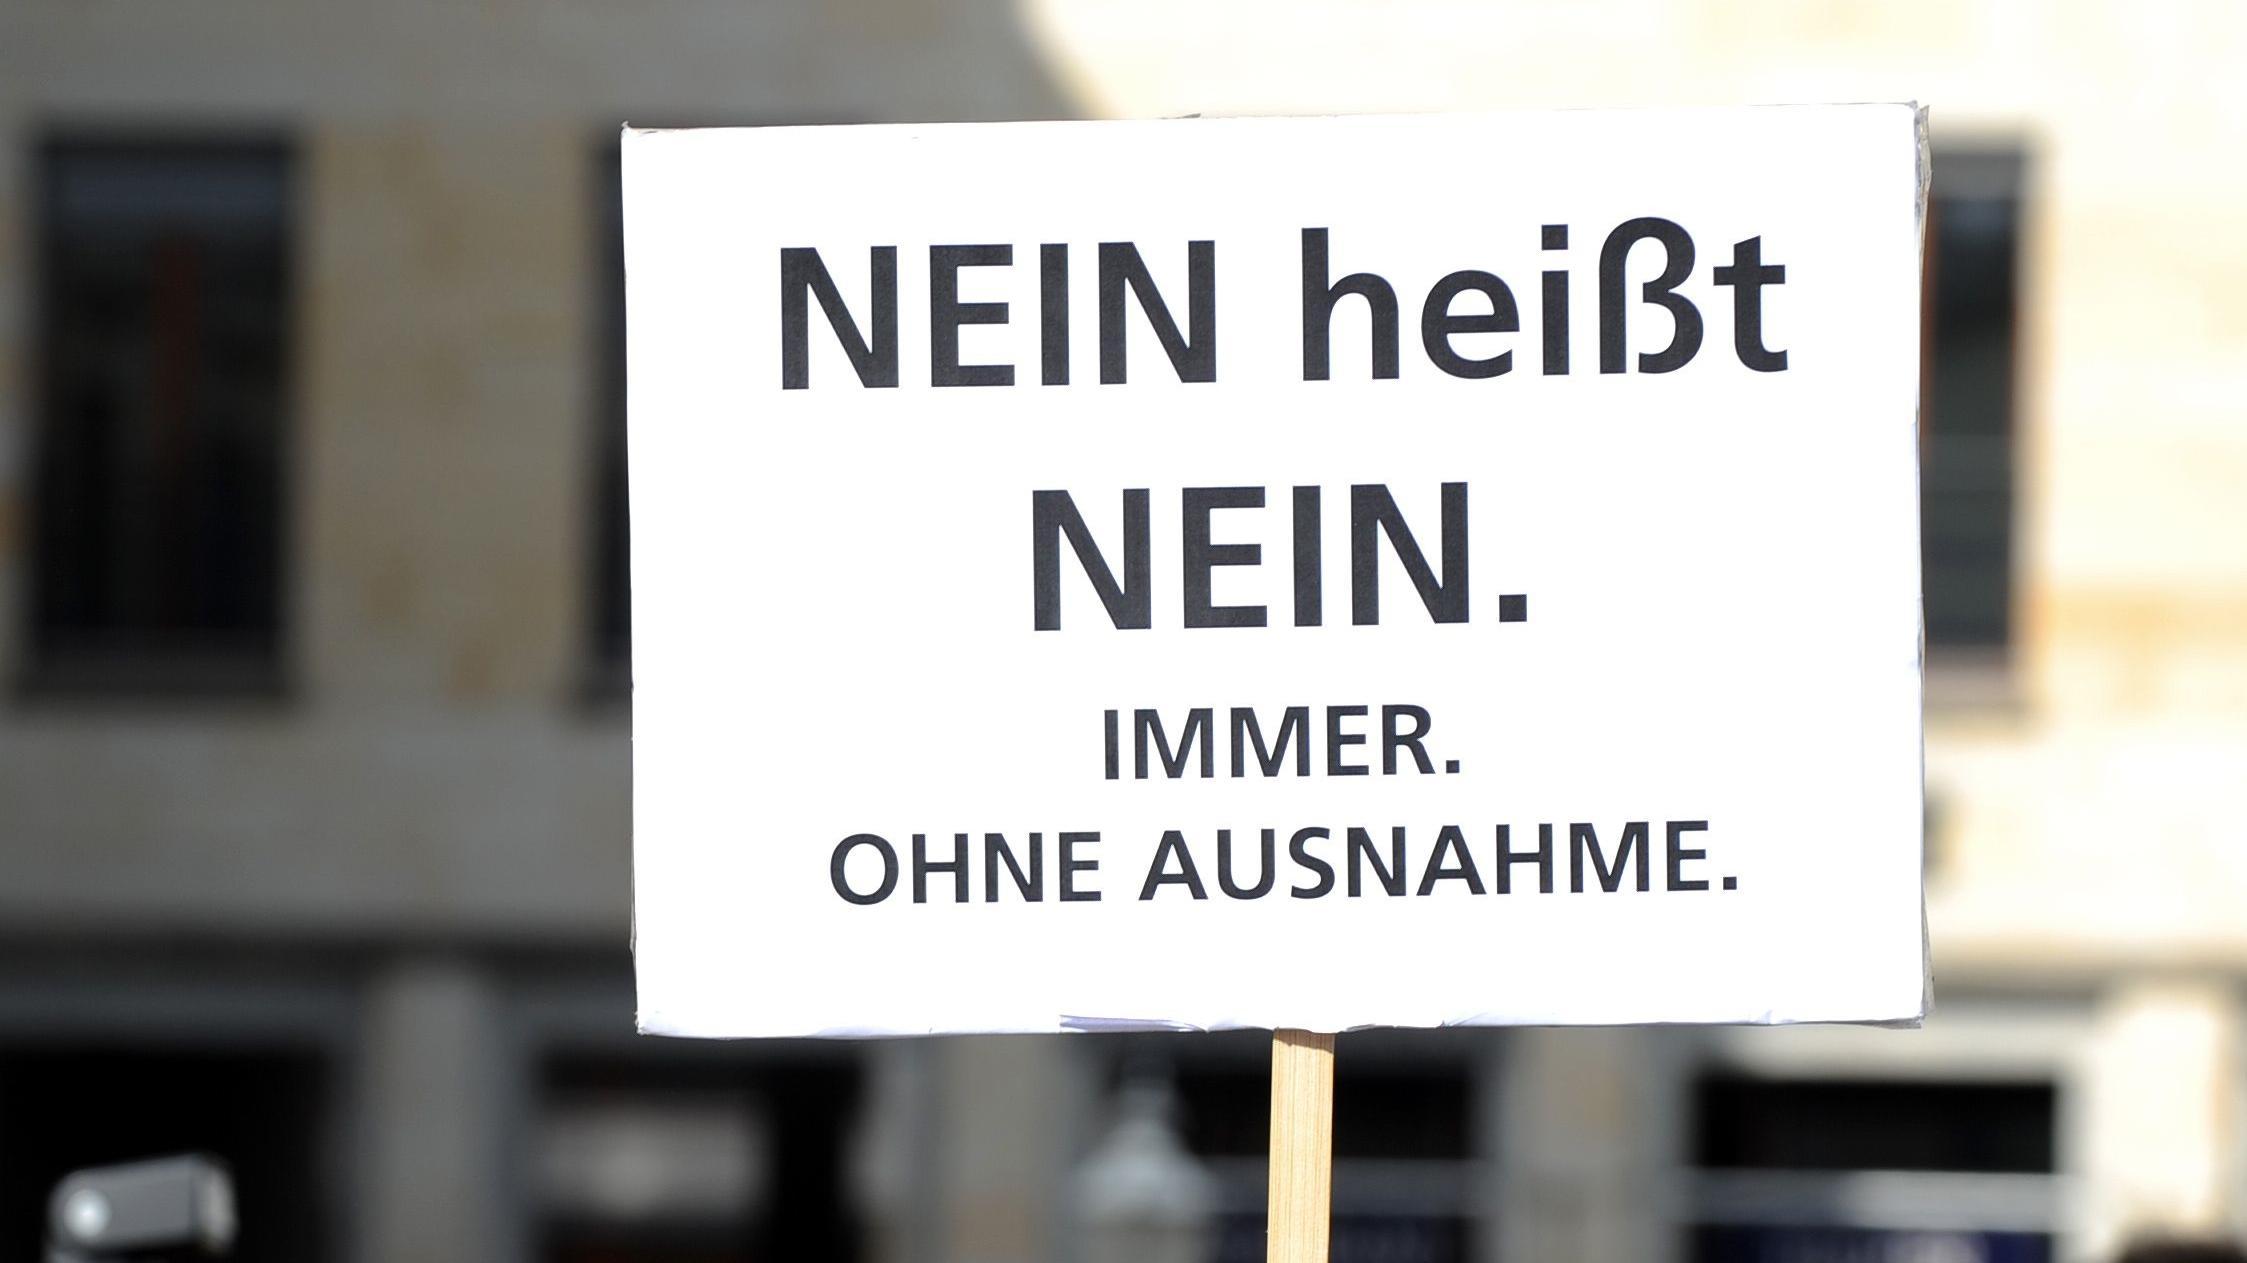 """Archivbild: Auf einem Plakat steht """"Nein heißt Nein""""."""